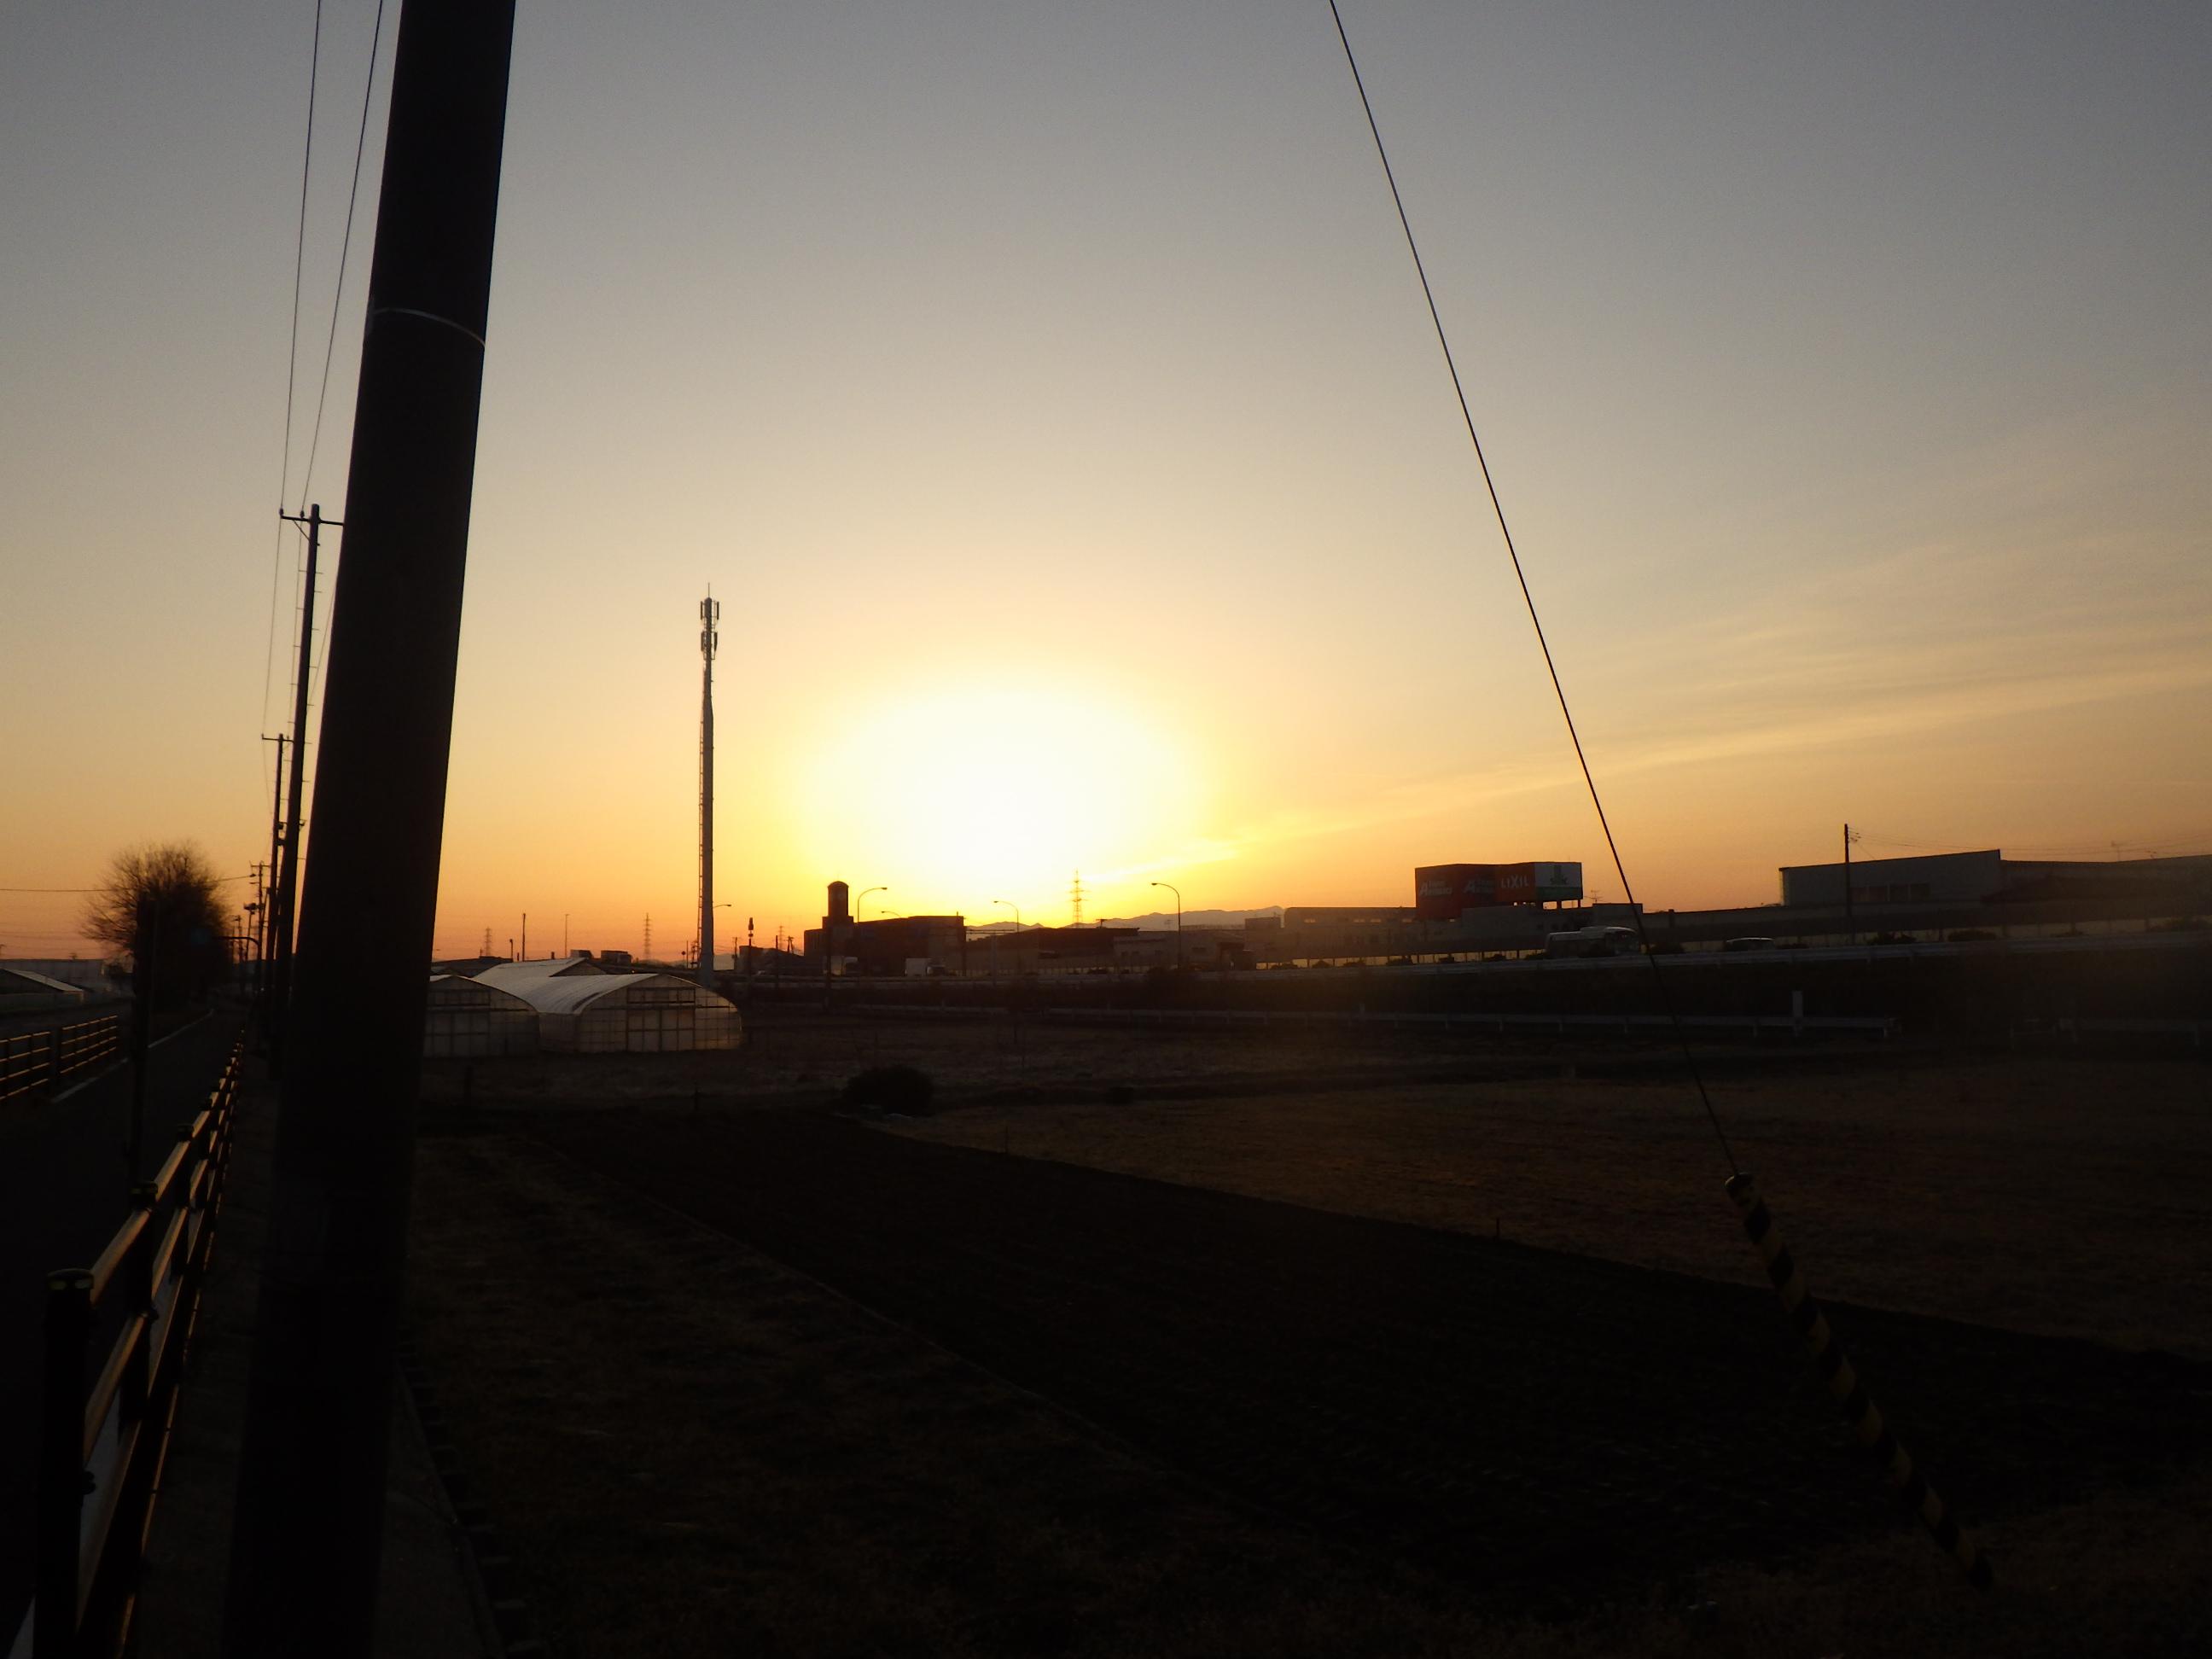 3月31日新潟市の日の出前・・・・・